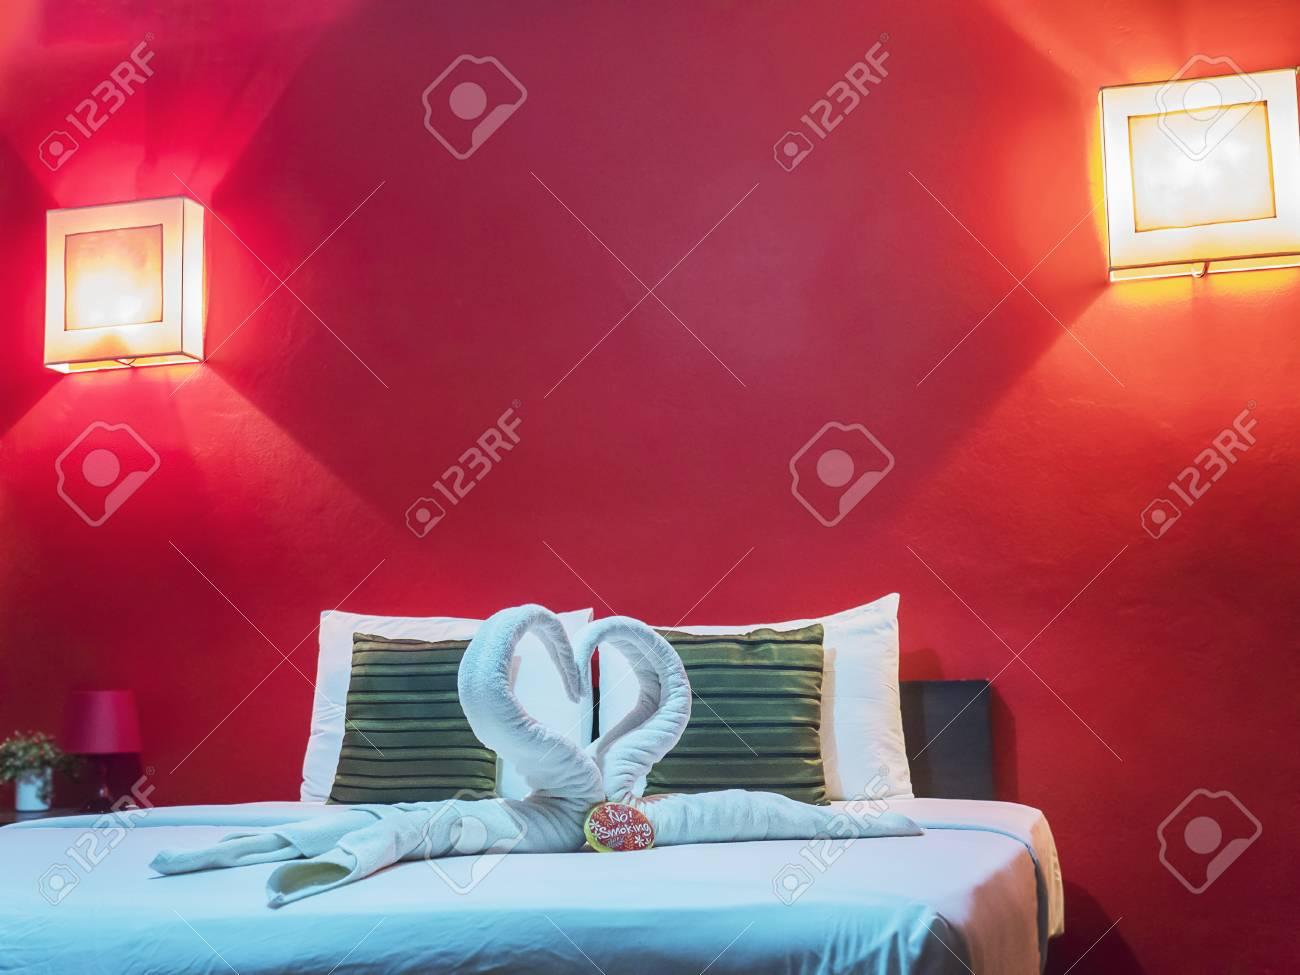 Stanze Da Letto Rosse : Immagini stock camera da letto coppia rossa image 91865962.